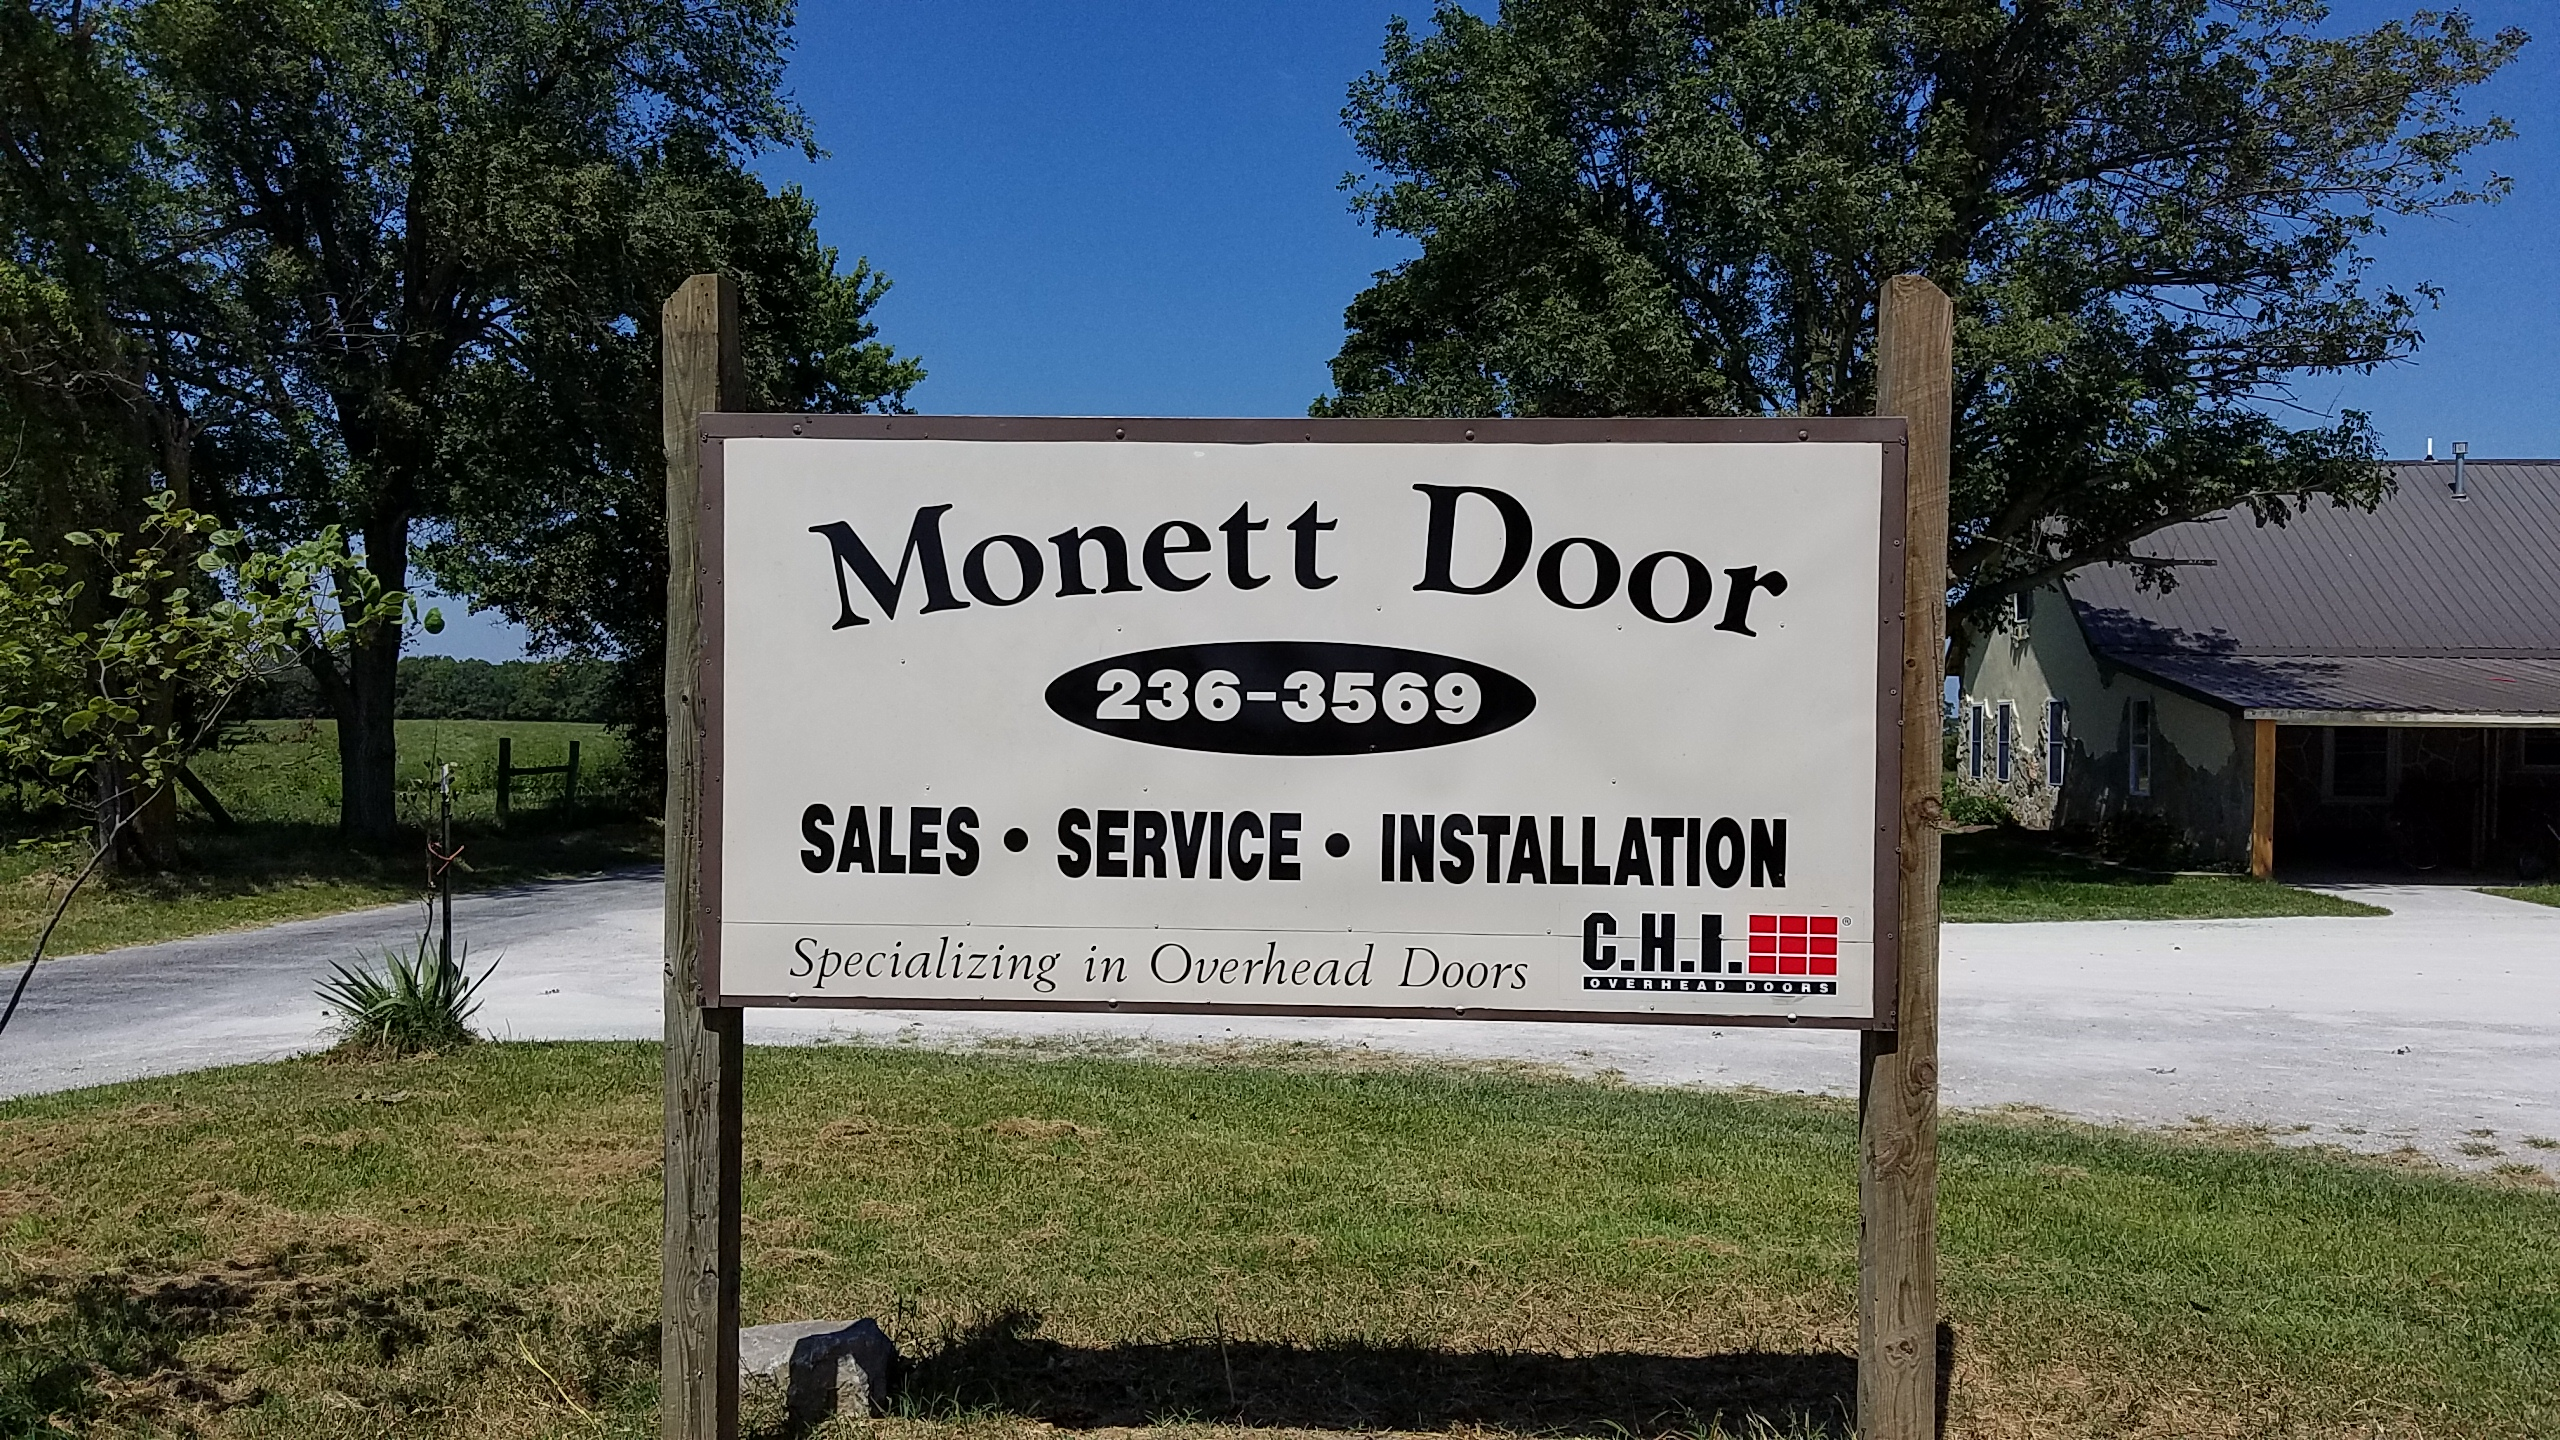 Monett Door image 4